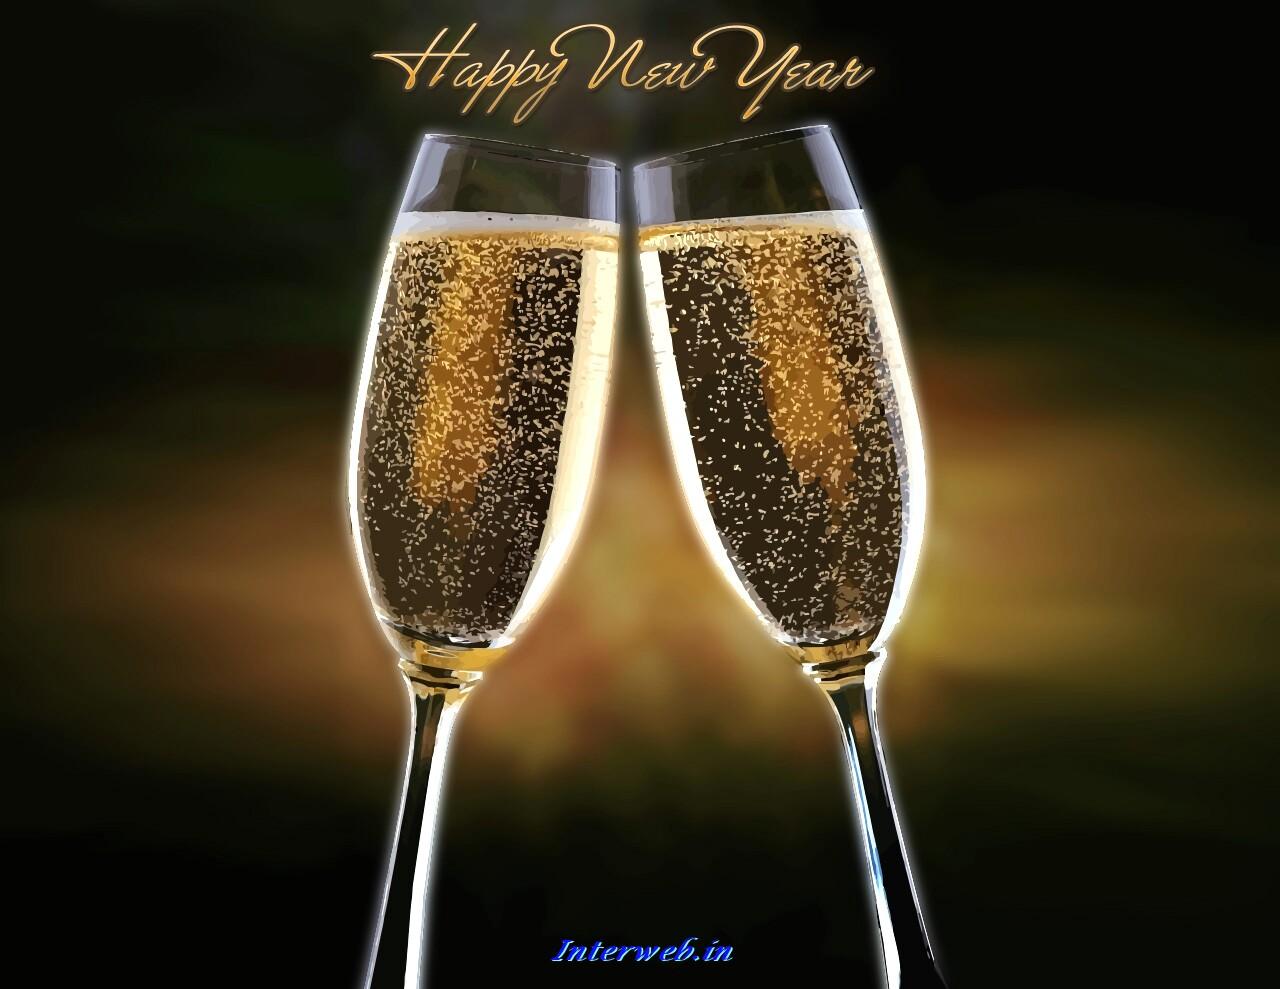 http://2.bp.blogspot.com/-TzMcvVLZk6k/Tl87Qk4tGcI/AAAAAAAAD3g/JVbXPBDfQqQ/s1600/New+year+wallpaper+2011+-+3.jpg